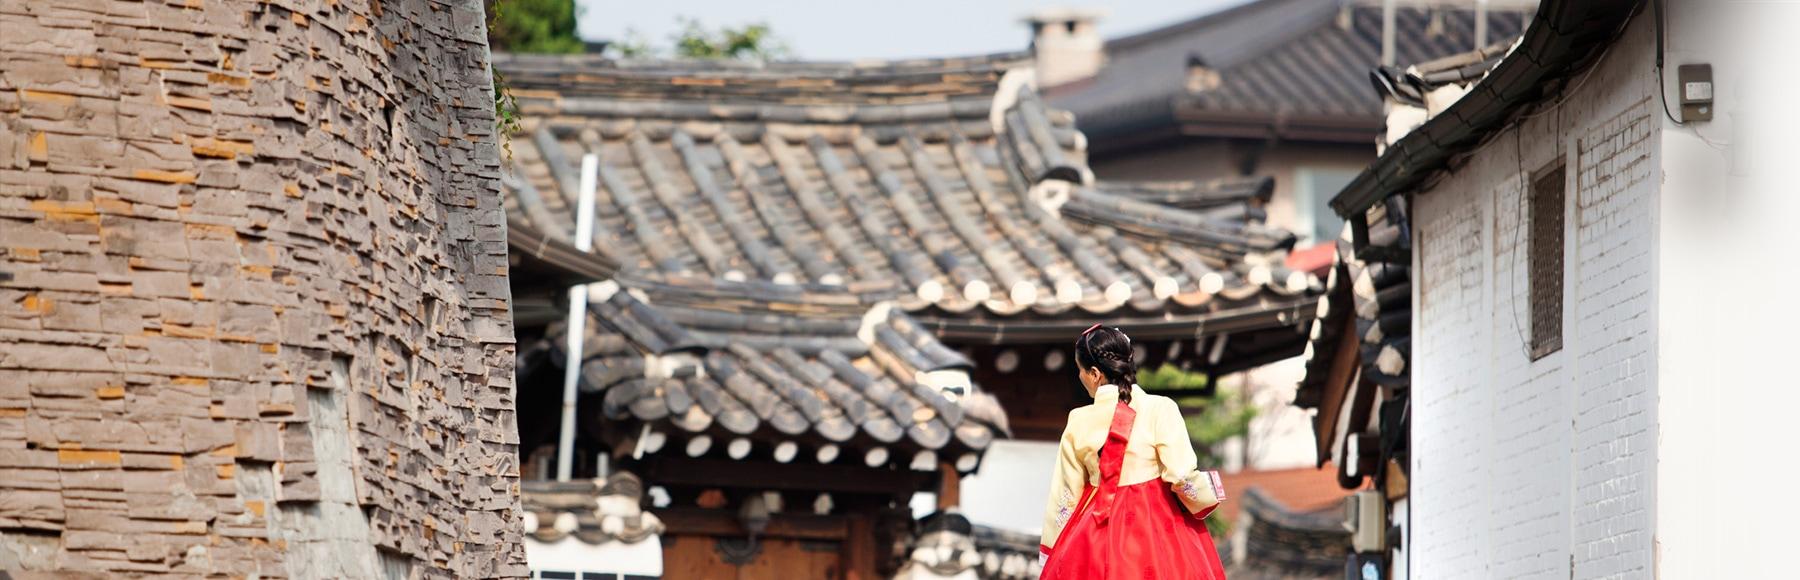 banner-hidden-treasure-of-korea-2